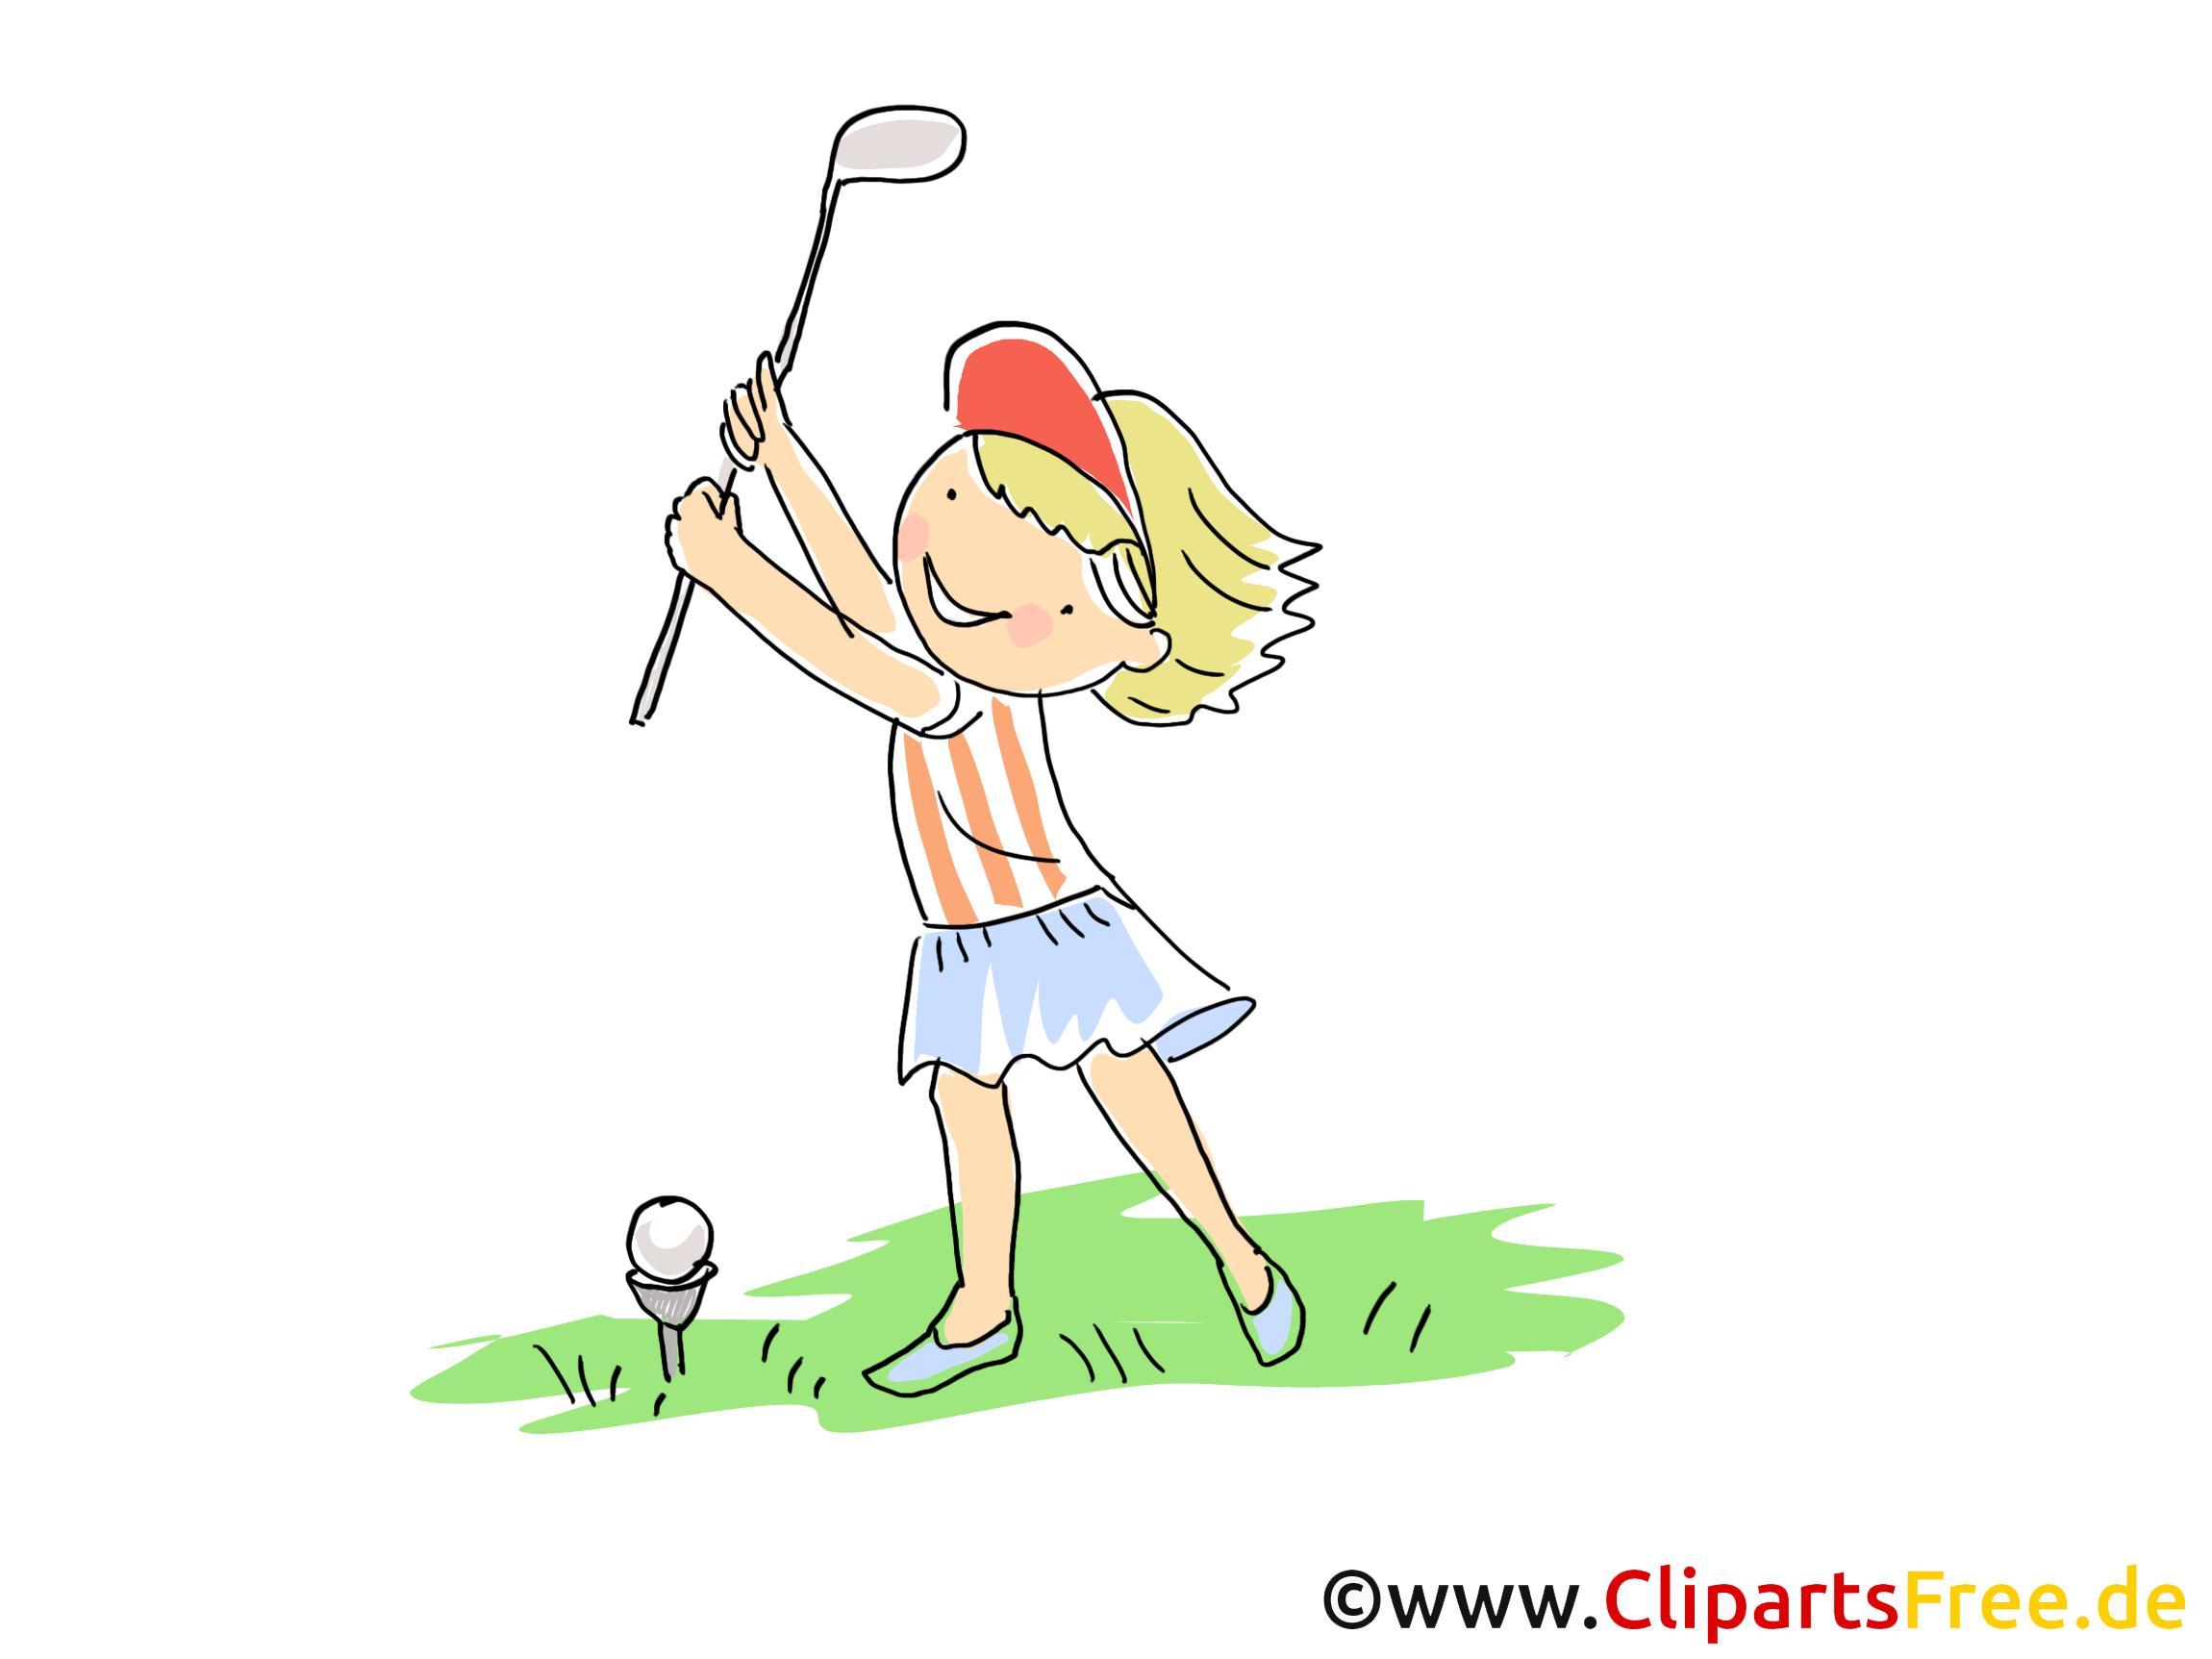 Golf Görüntü, Spor Vektör, Çizgi Film, Çizgi Film, Ücretsiz Resim